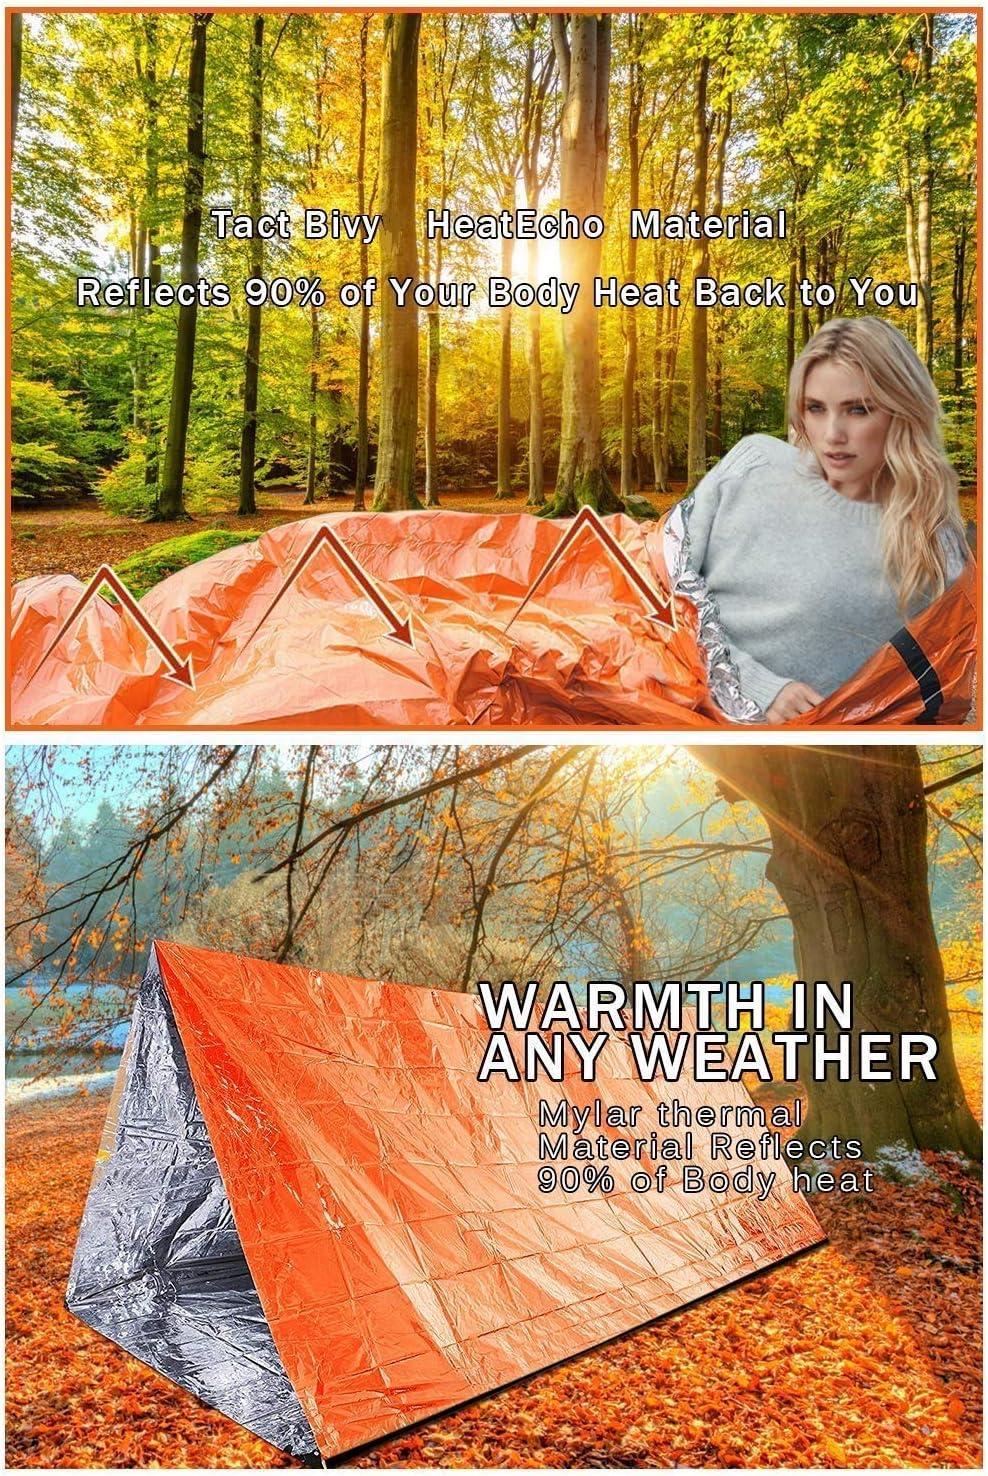 KKmoon Sac de Couchage de Premiers Secours 210 x 130CM Couverture de Survie Reutilisable Tente de Camping en Plein air Chaleur R/éfl/échissante et Coupe-Vent Imperm/éable